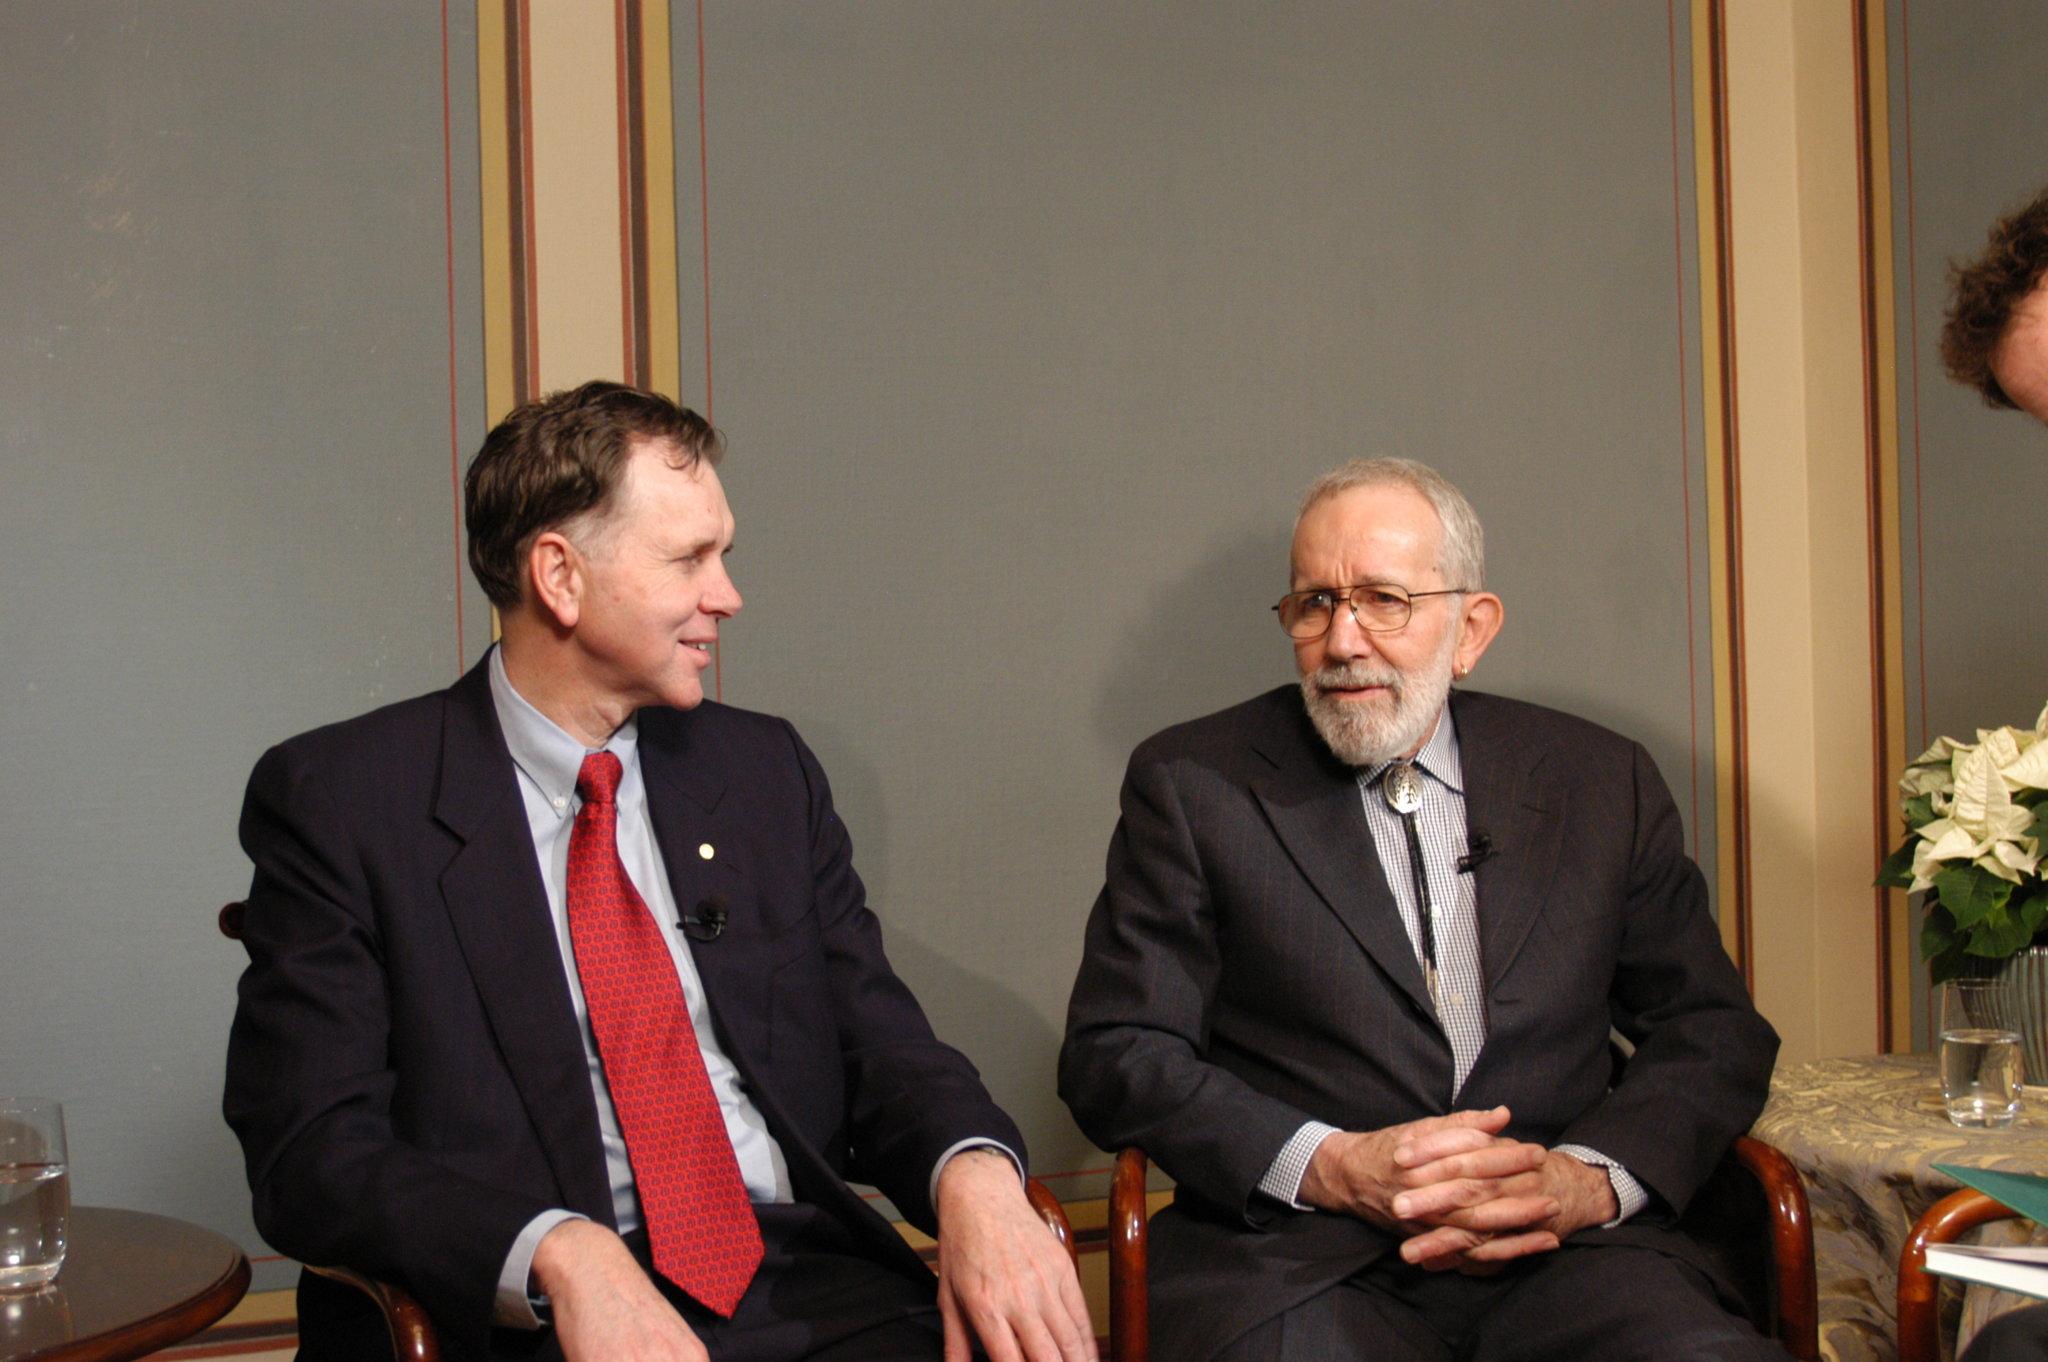 Marshall and Warren